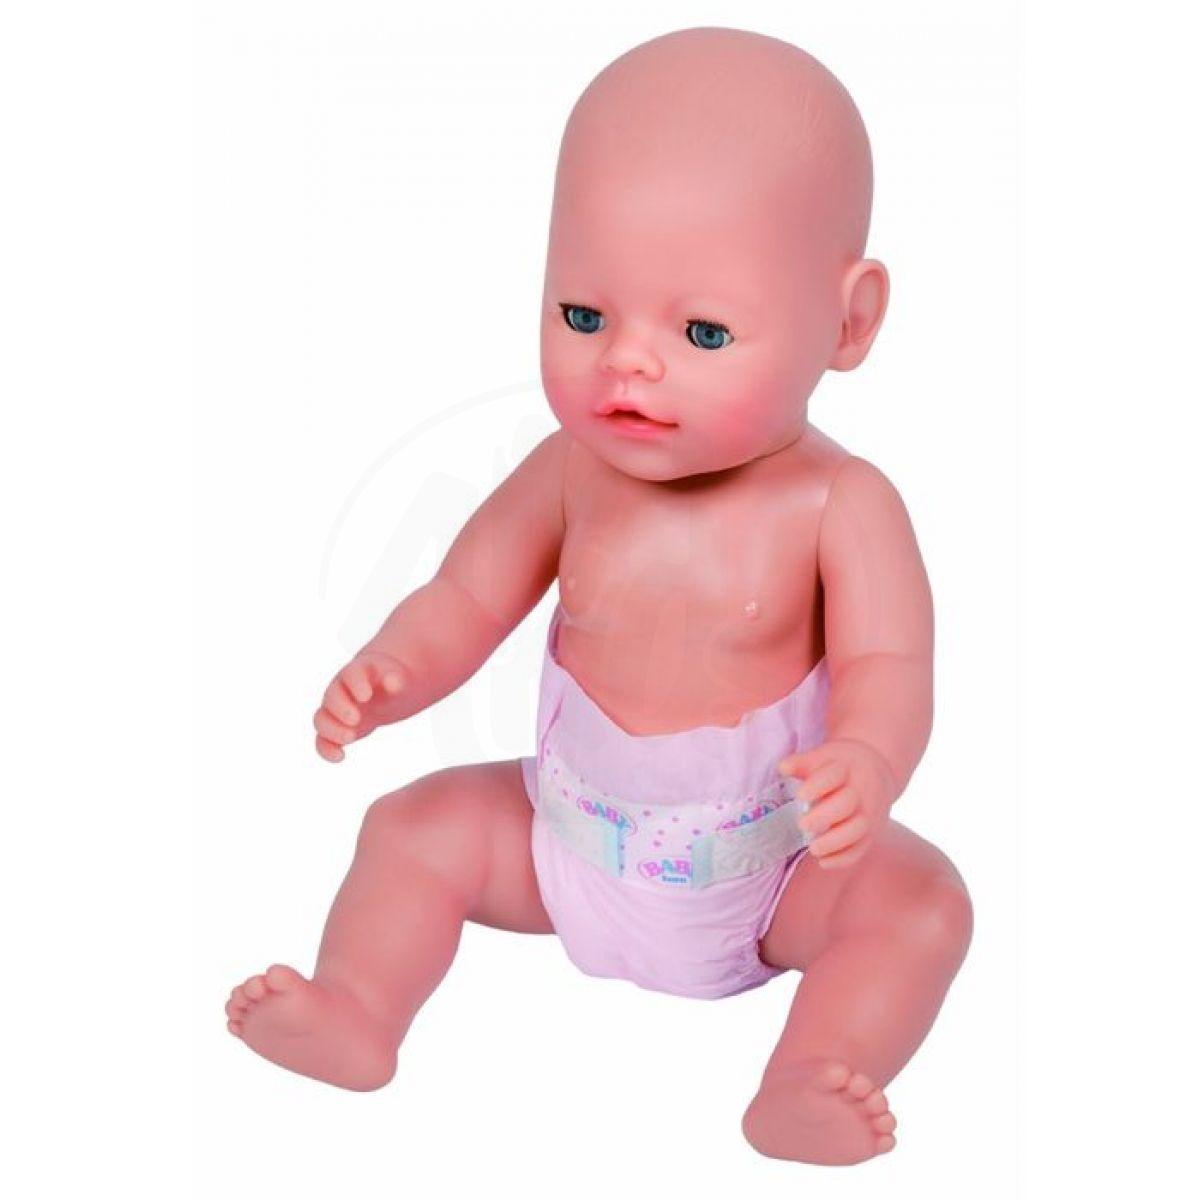 Как сделать беби бону подгузники